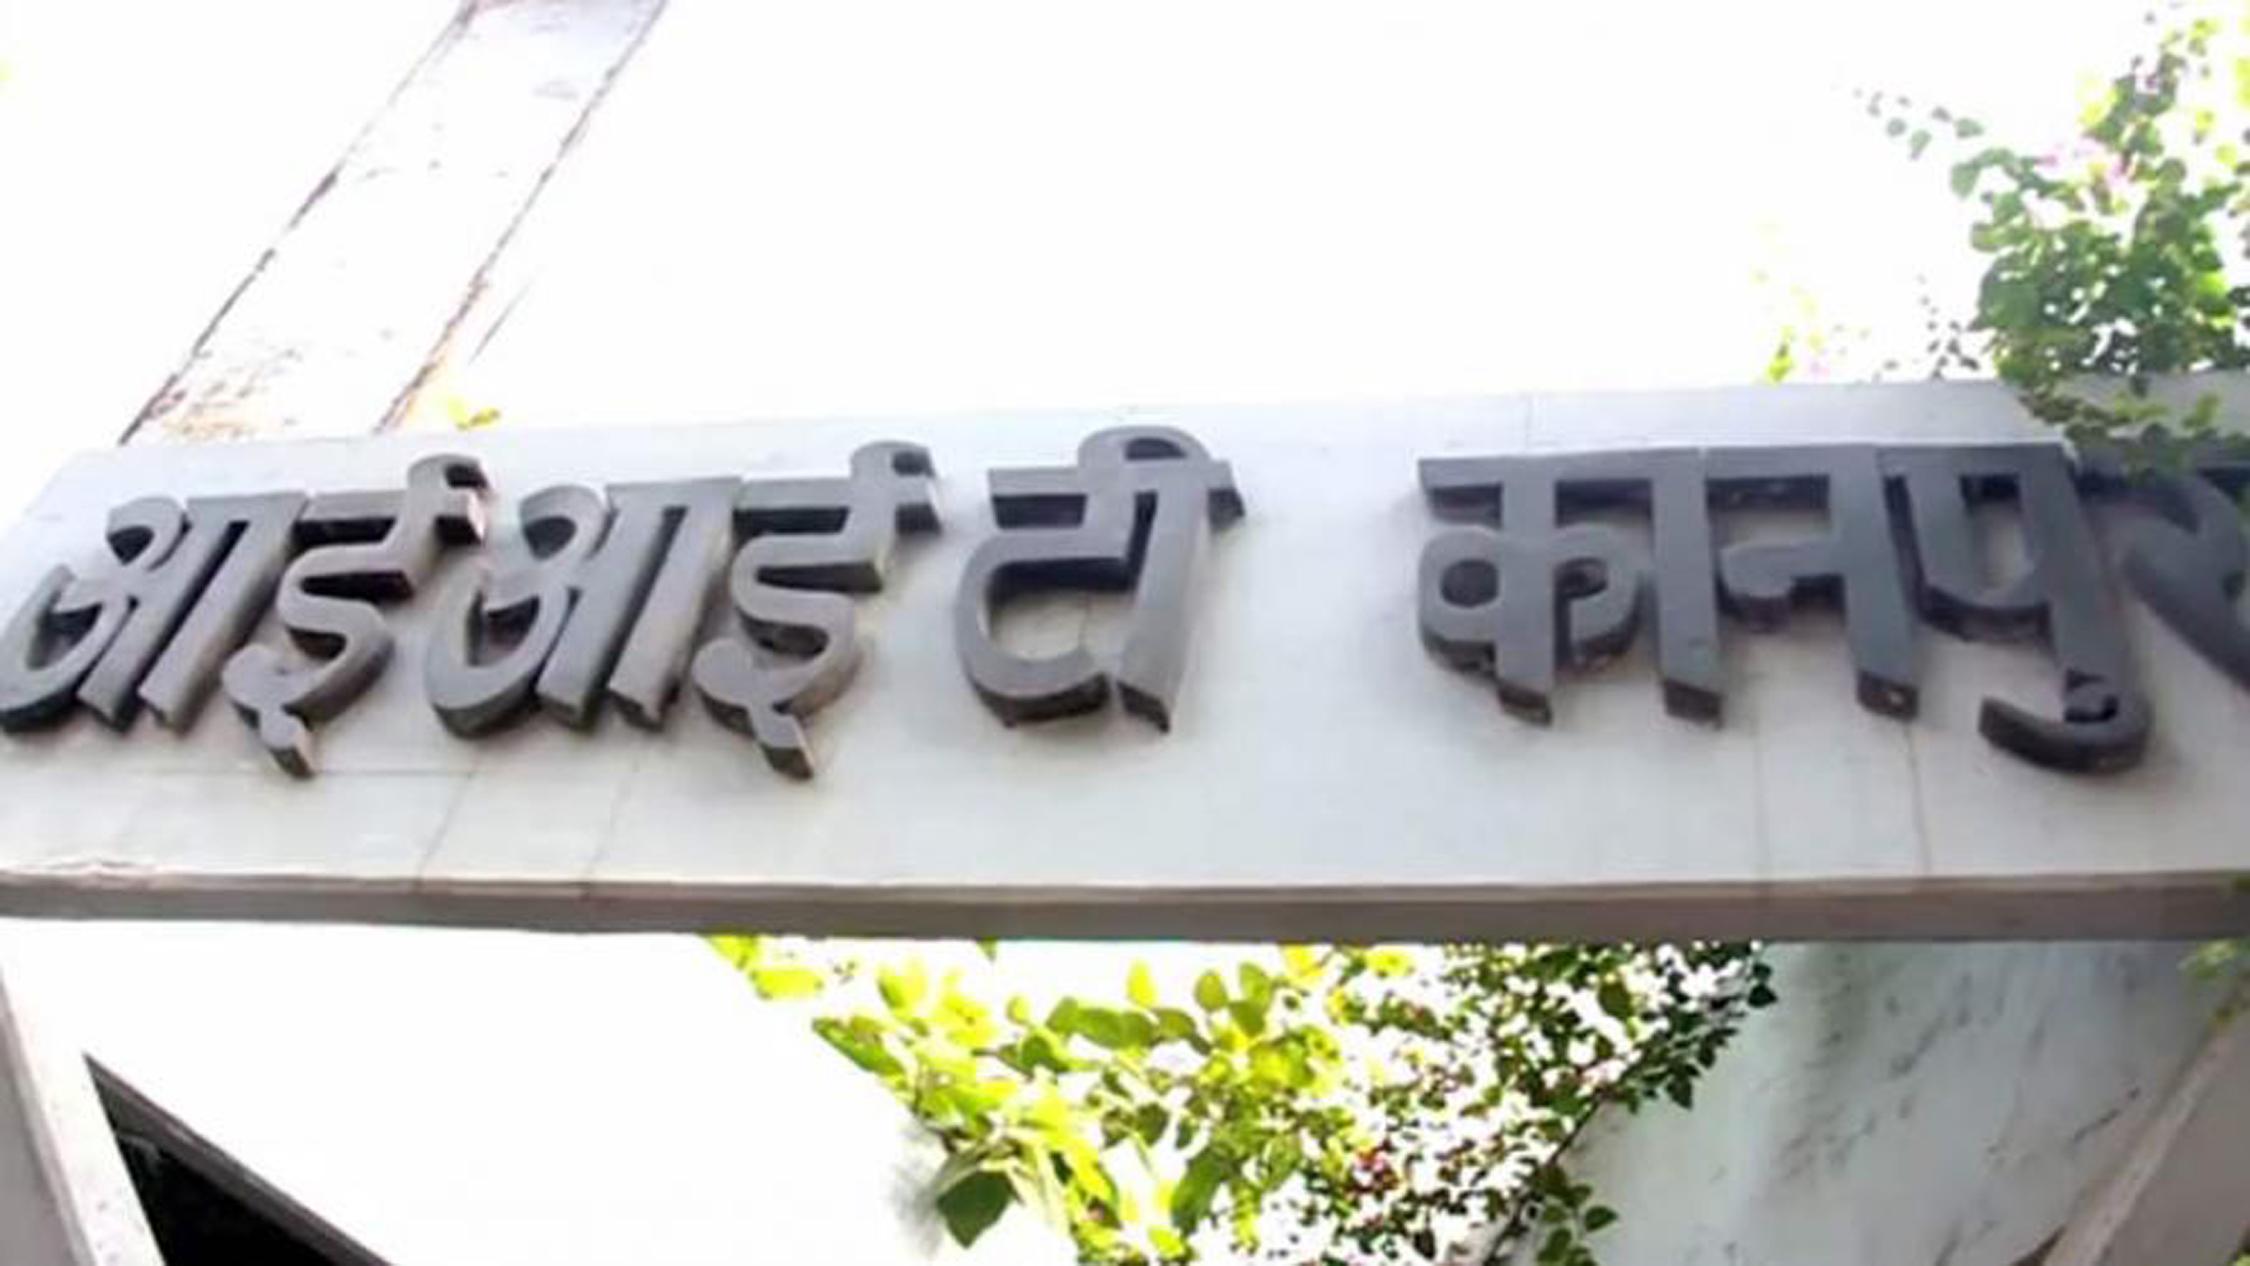 दिल्ली सरकारऔर आईआईटी के बीचएमओयू हुआ साइन,एडवांससुपरसाइट स्थापित कर करेंगेडाटा कलेक्ट कानपुर,Kanpur - Dainik Bhaskar